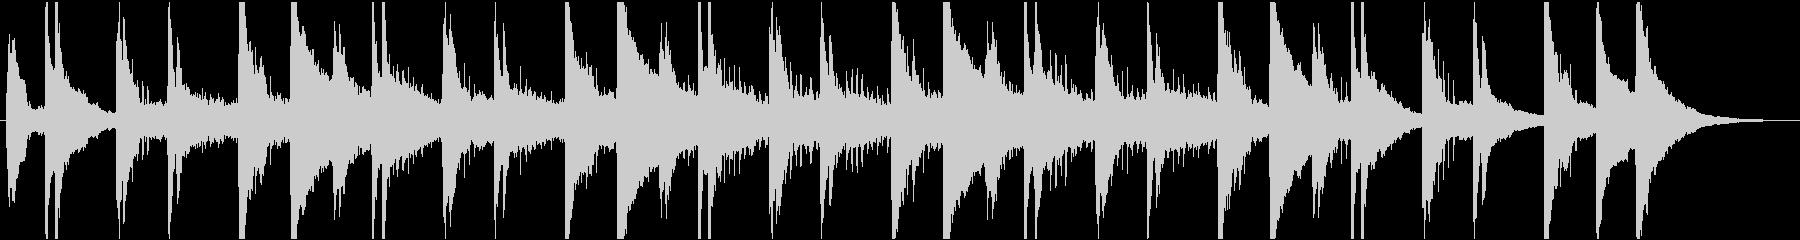 穏やかなピアノ・エレクトリックの未再生の波形